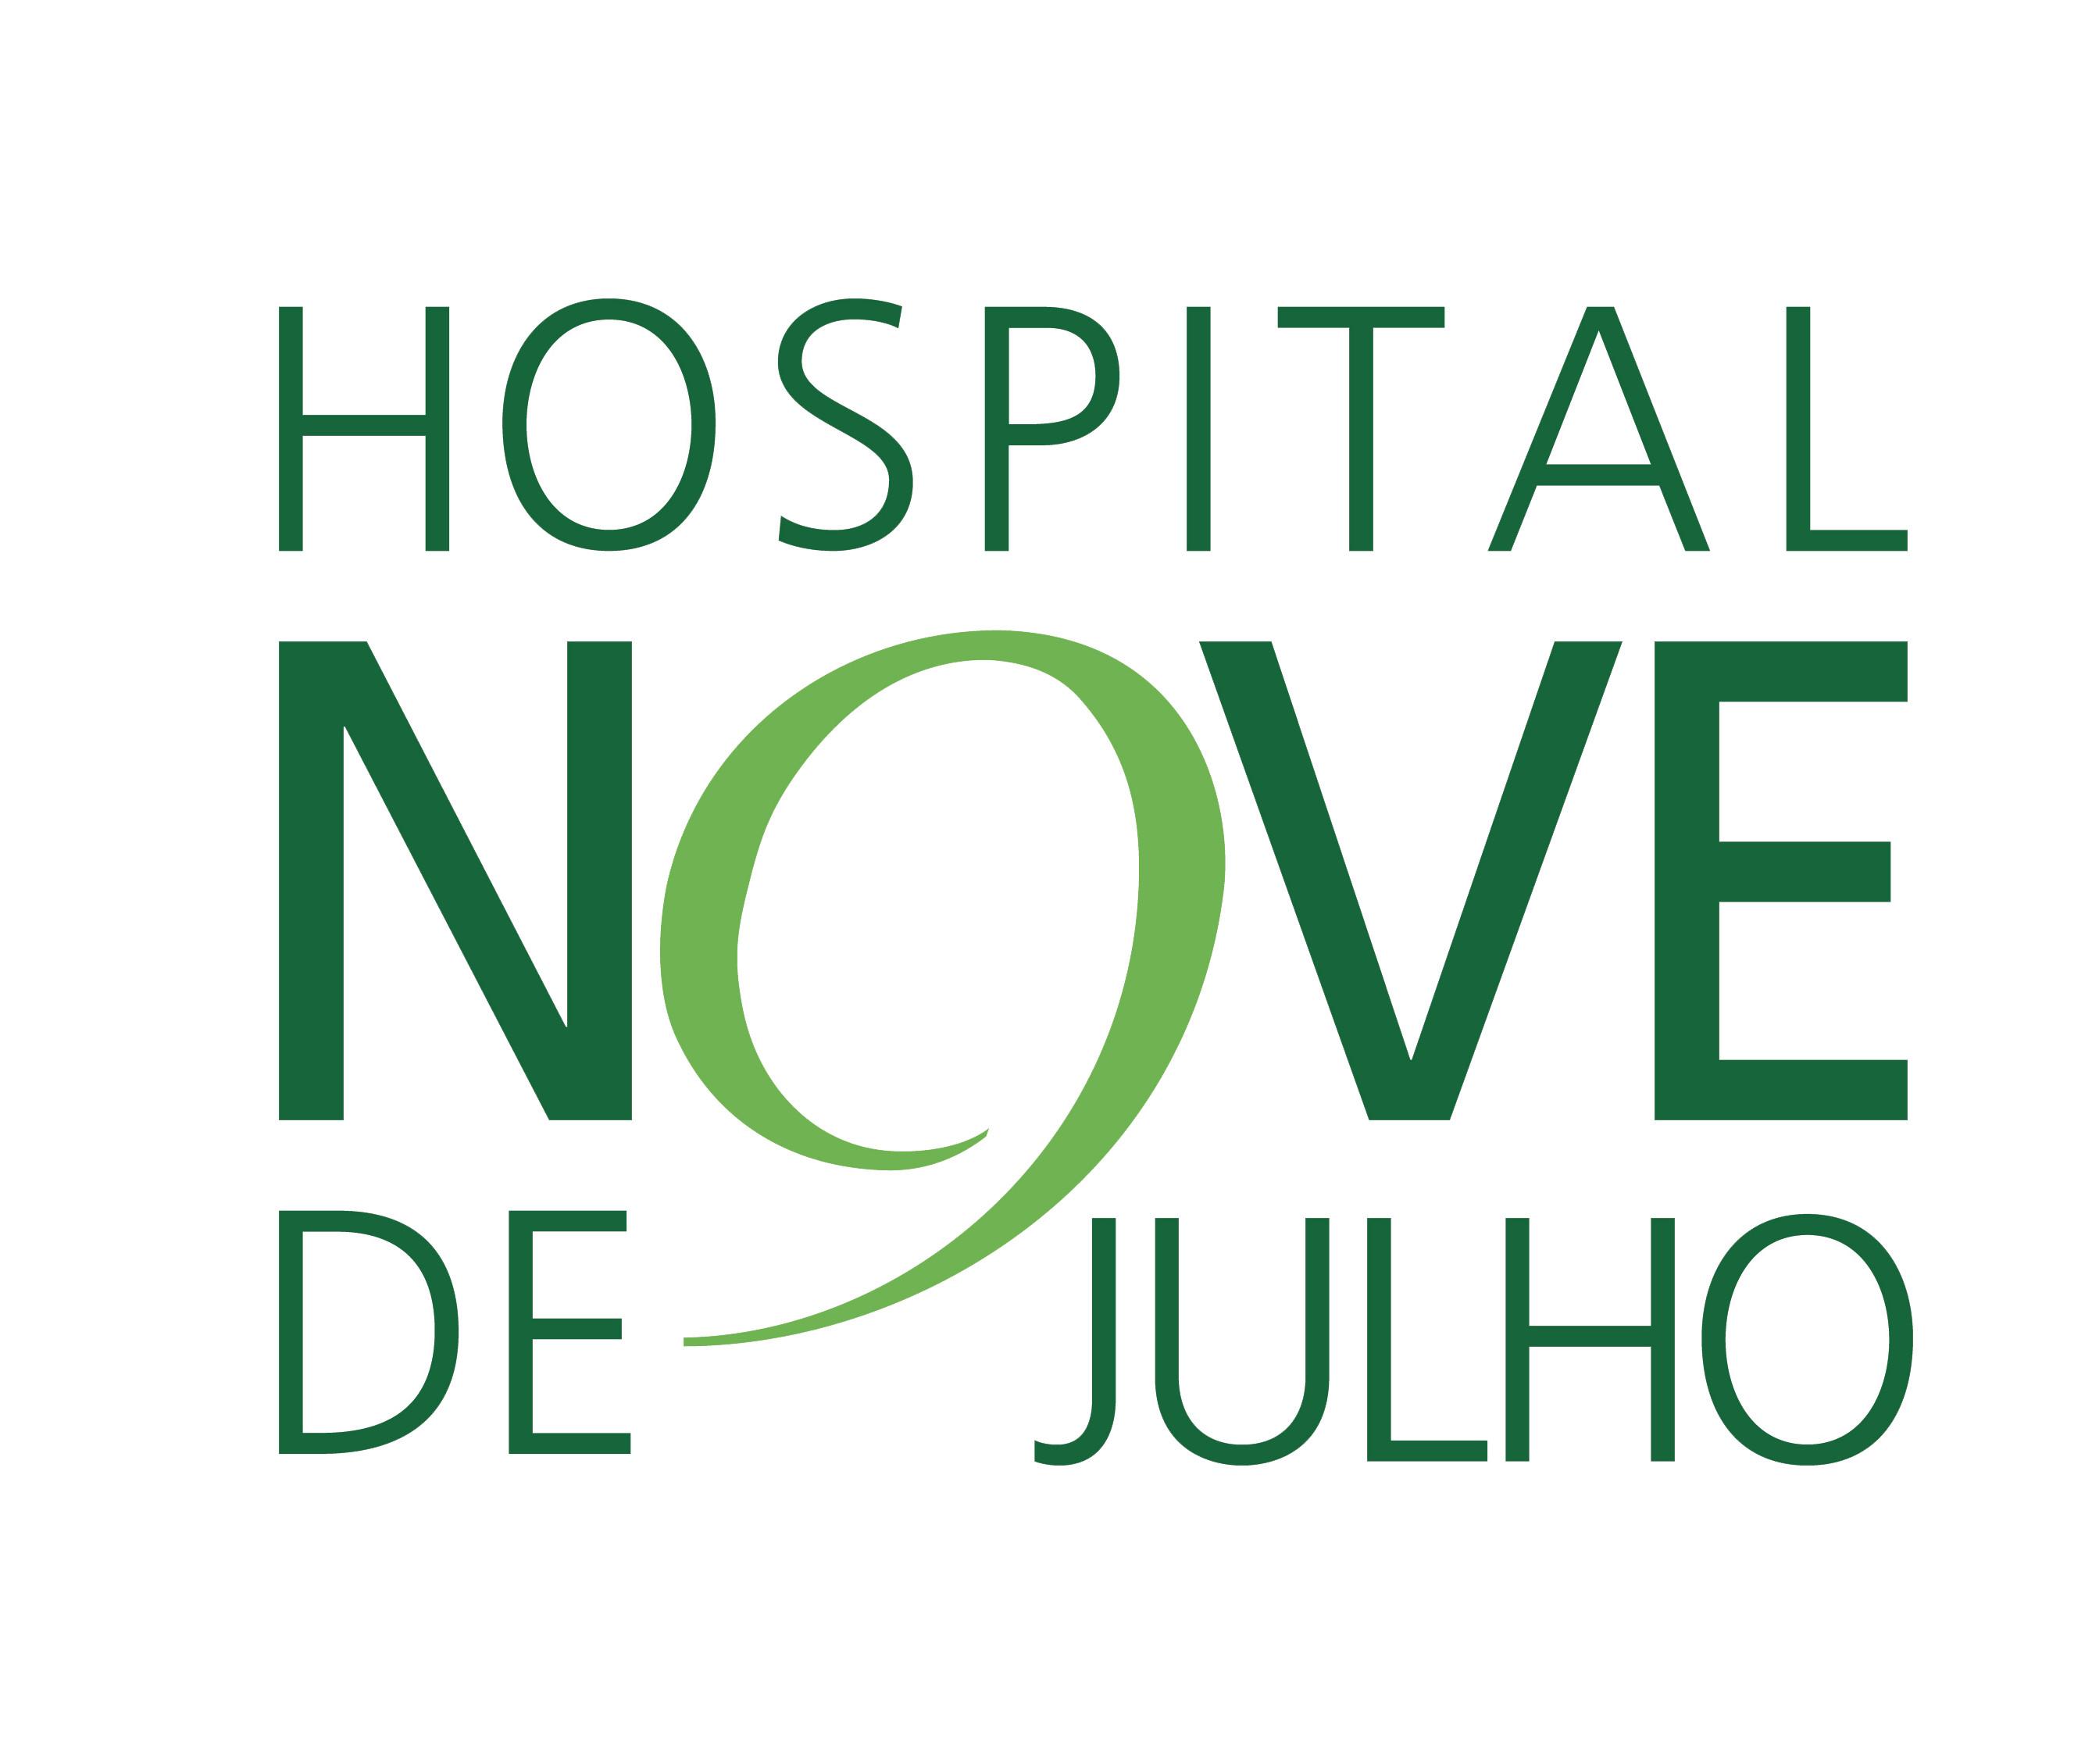 HospitalDeJulho